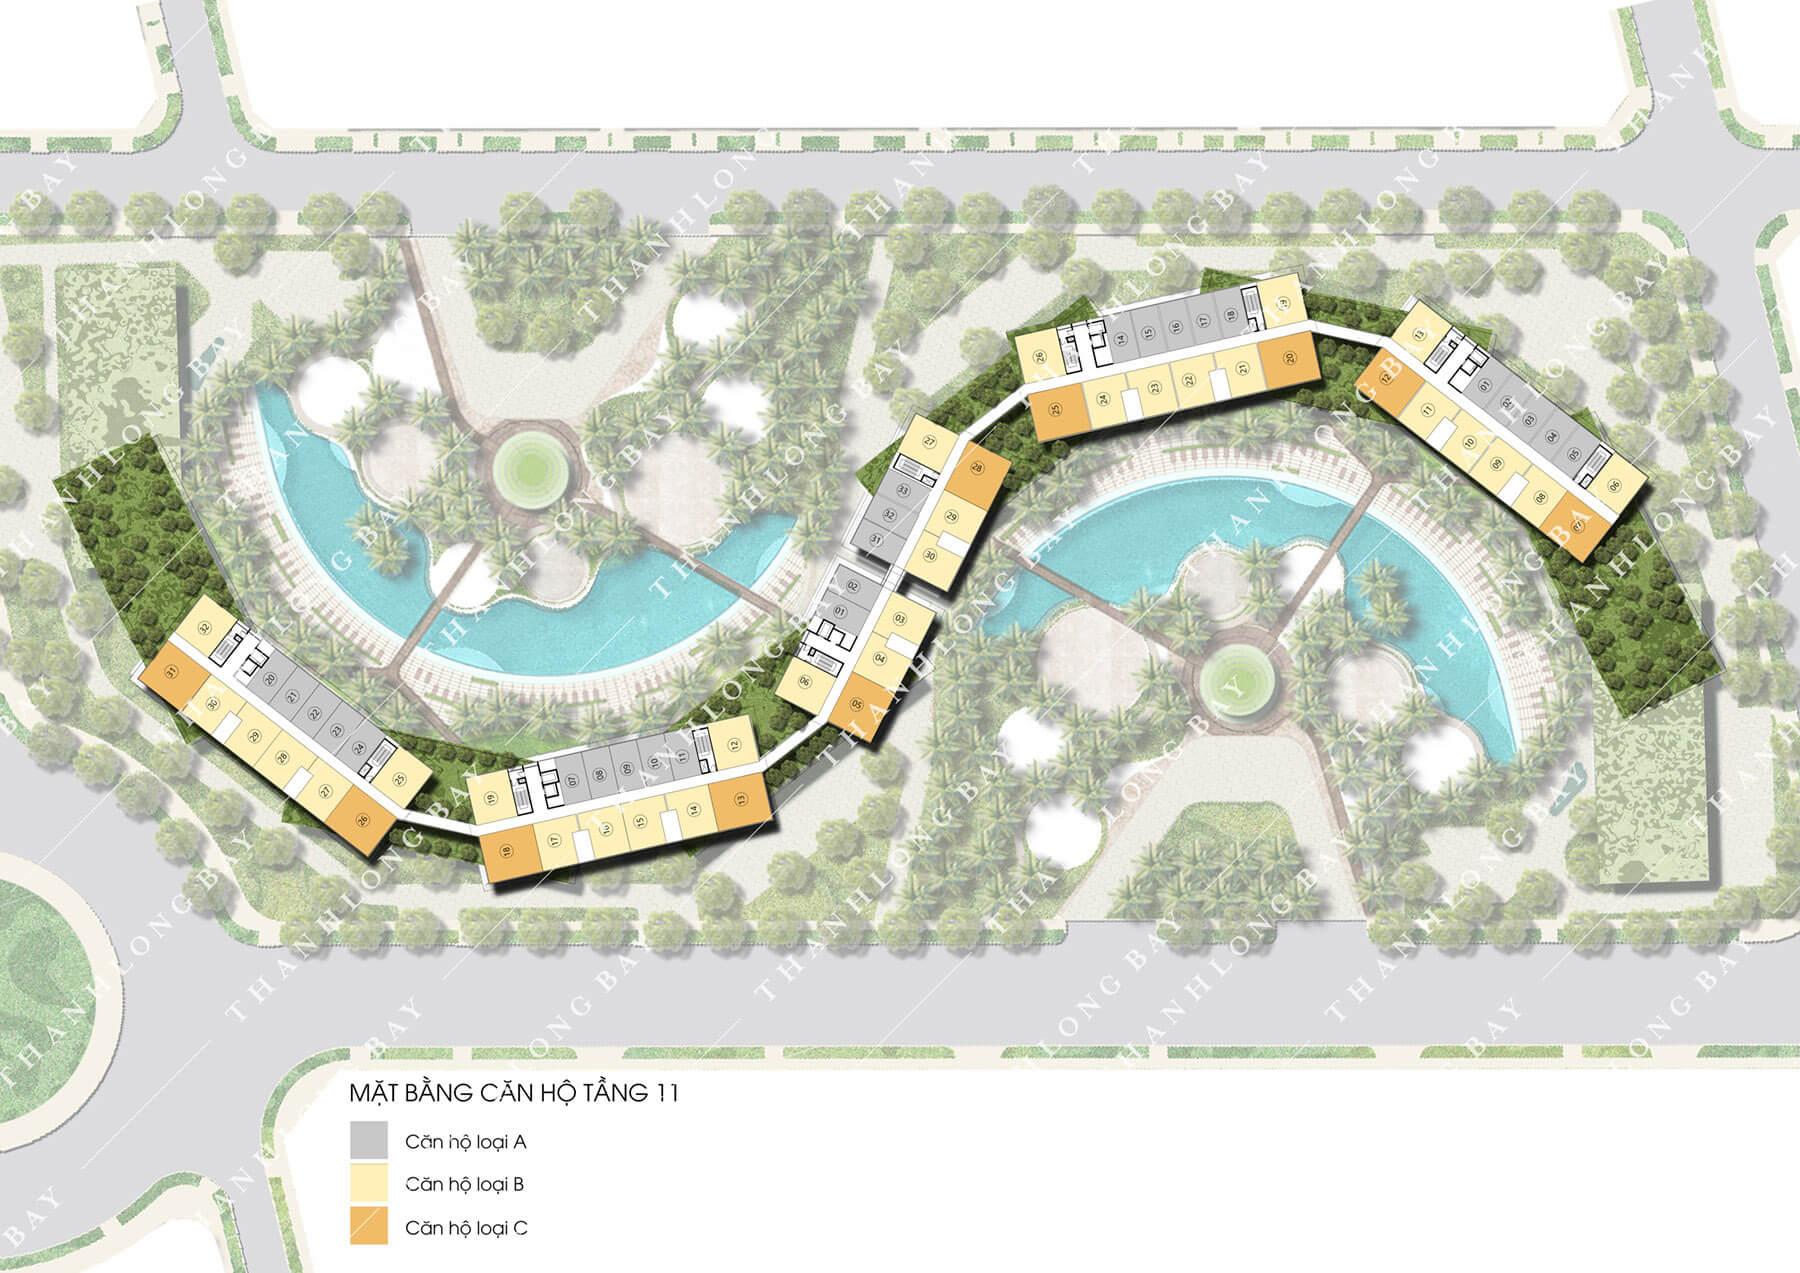 Mặt bằng tầng 11 dự án căn hộ biển Thanh Long Bay, Phan Thiết.